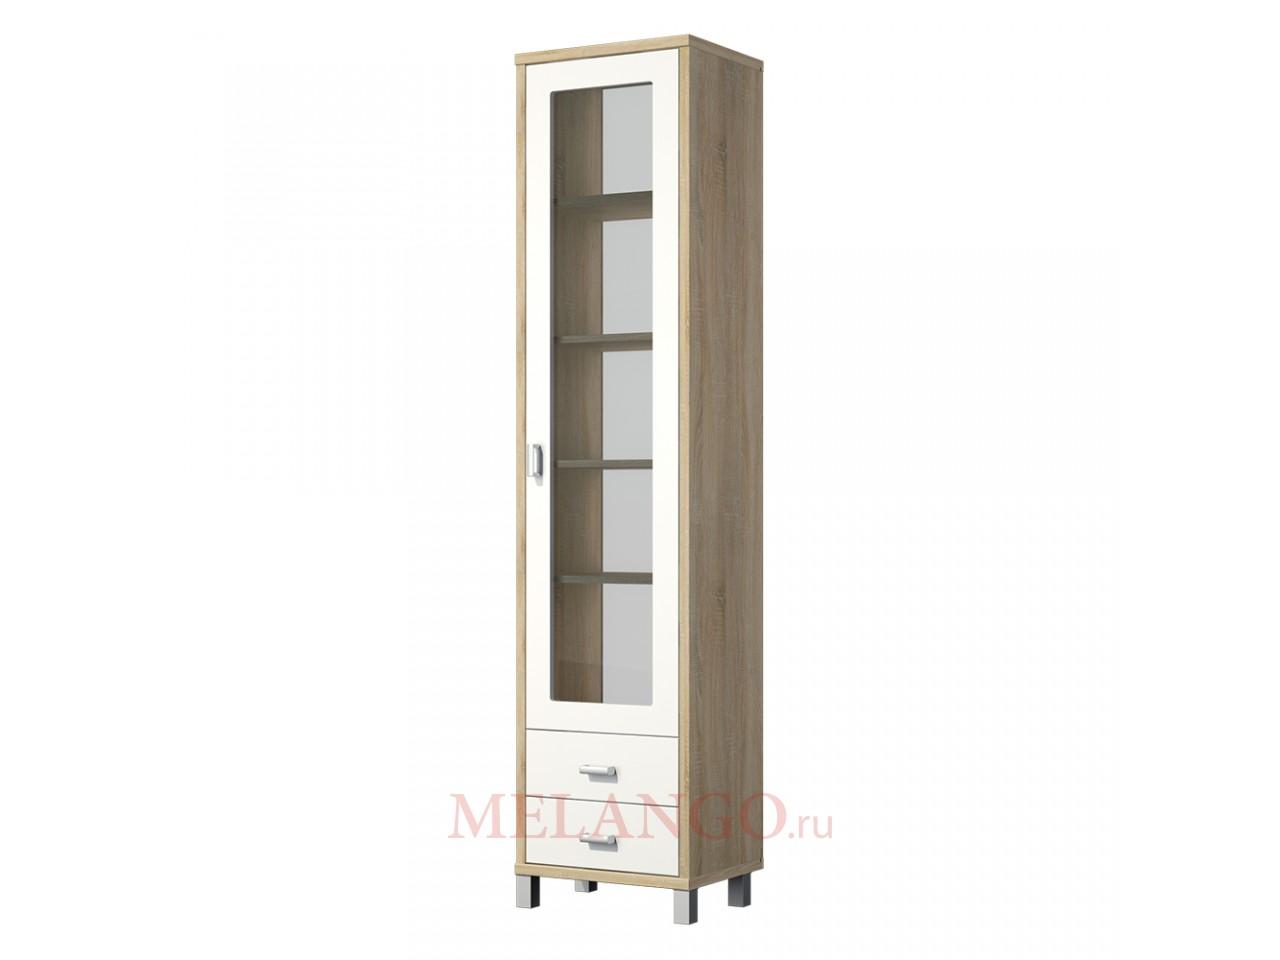 Одностворчатый шкаф витрина с ящиками в гостиную Домино Сонома ВК-04-02